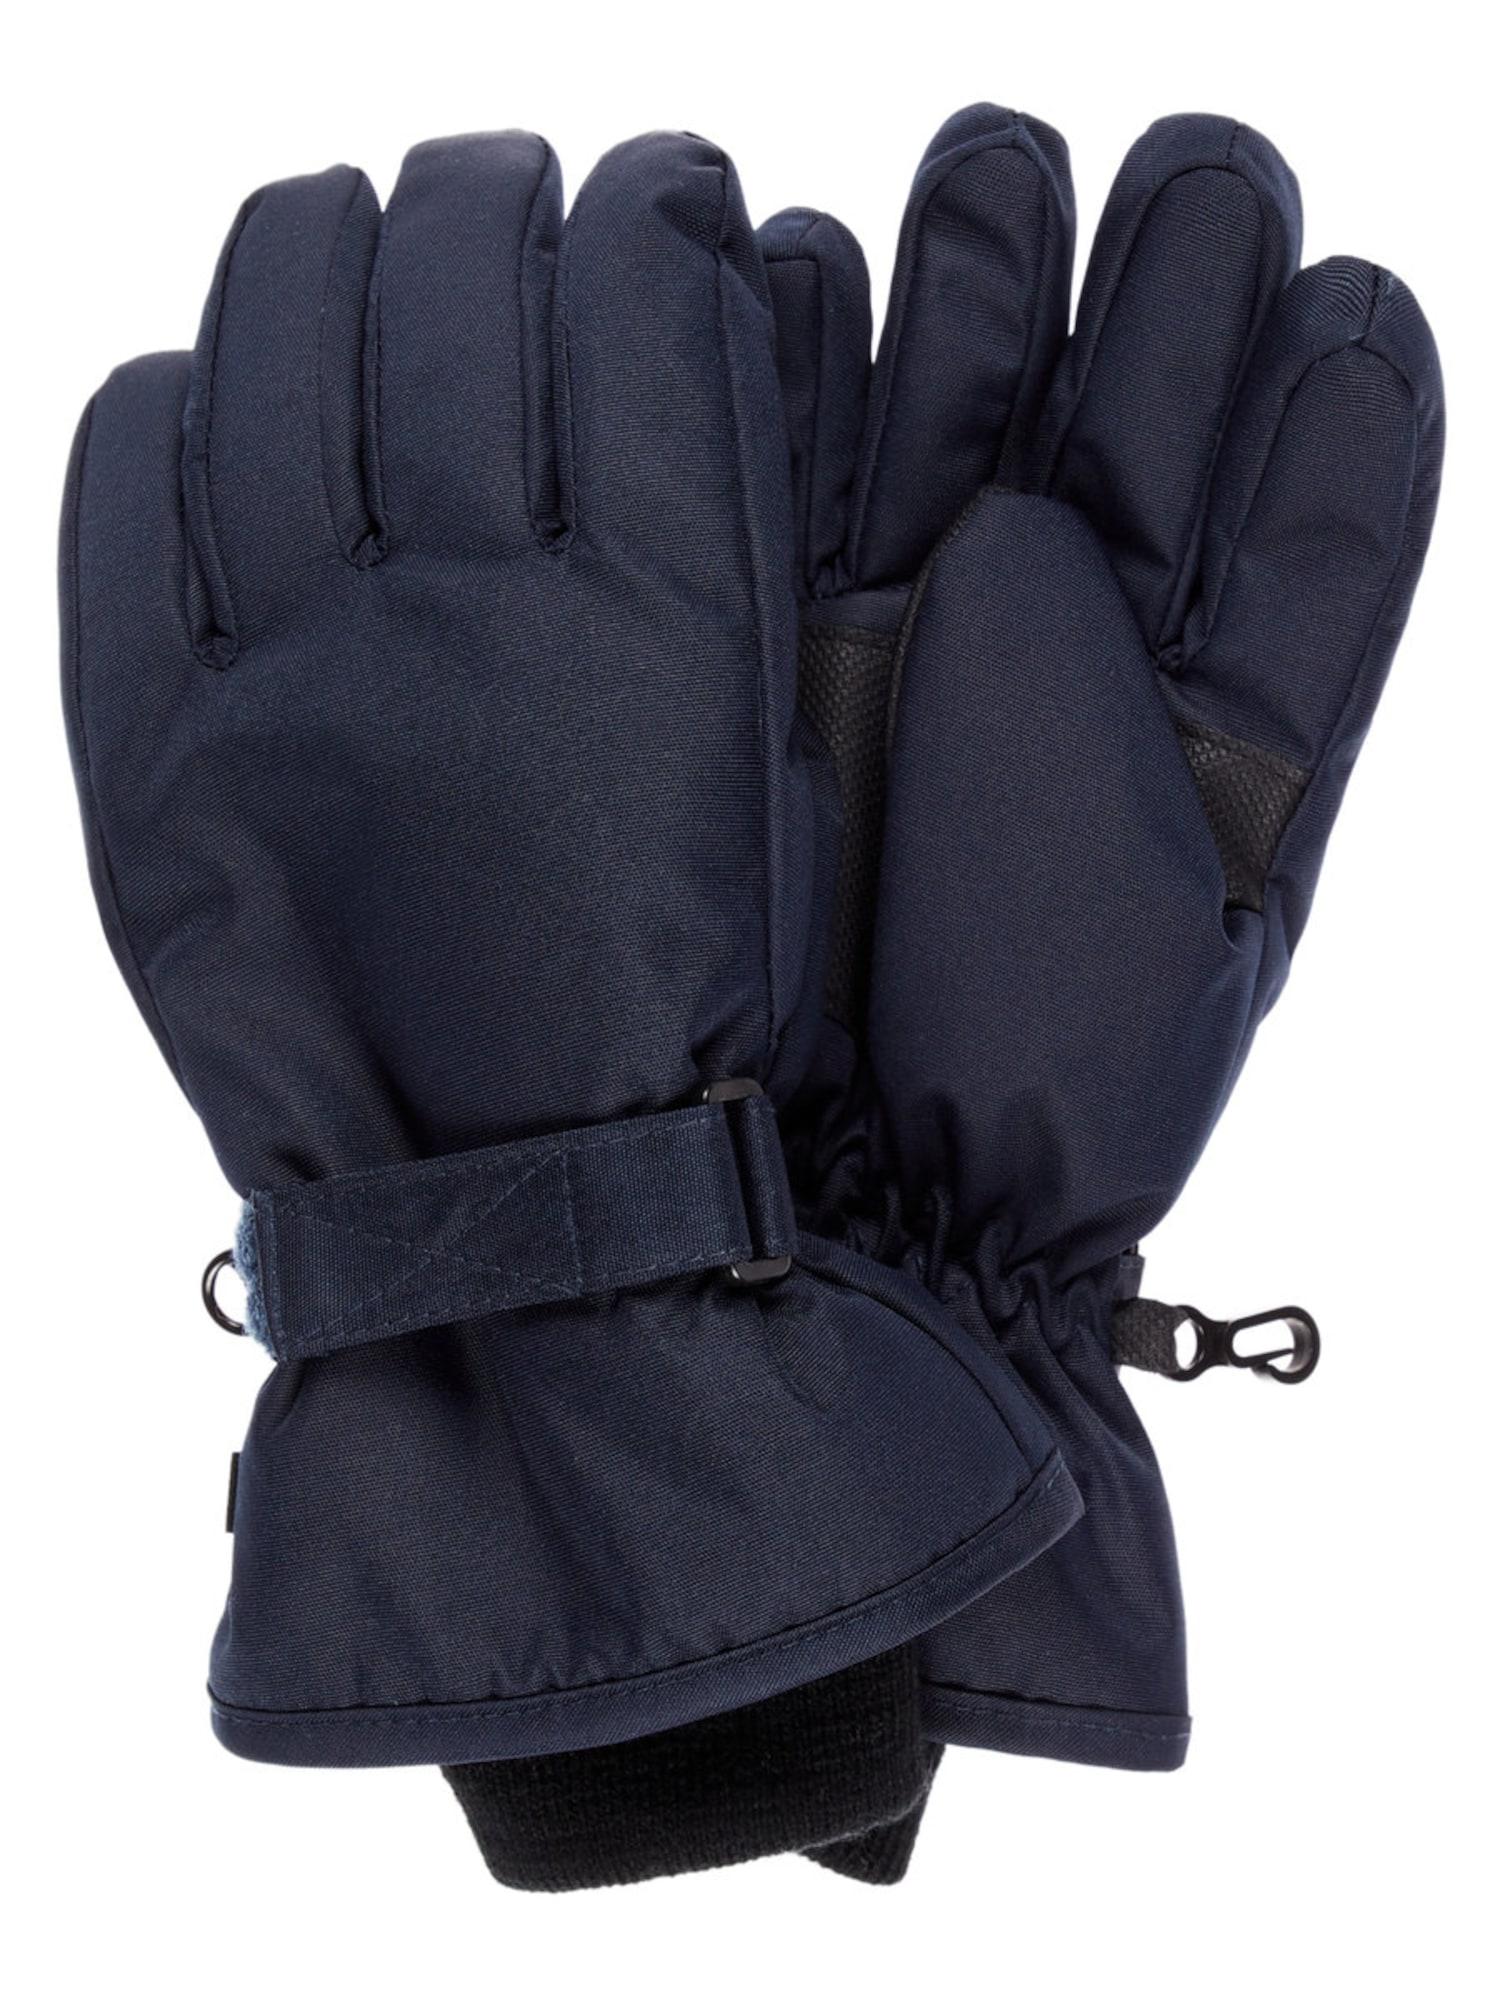 NAME IT, Jongens Handschoenen, donkerblauw